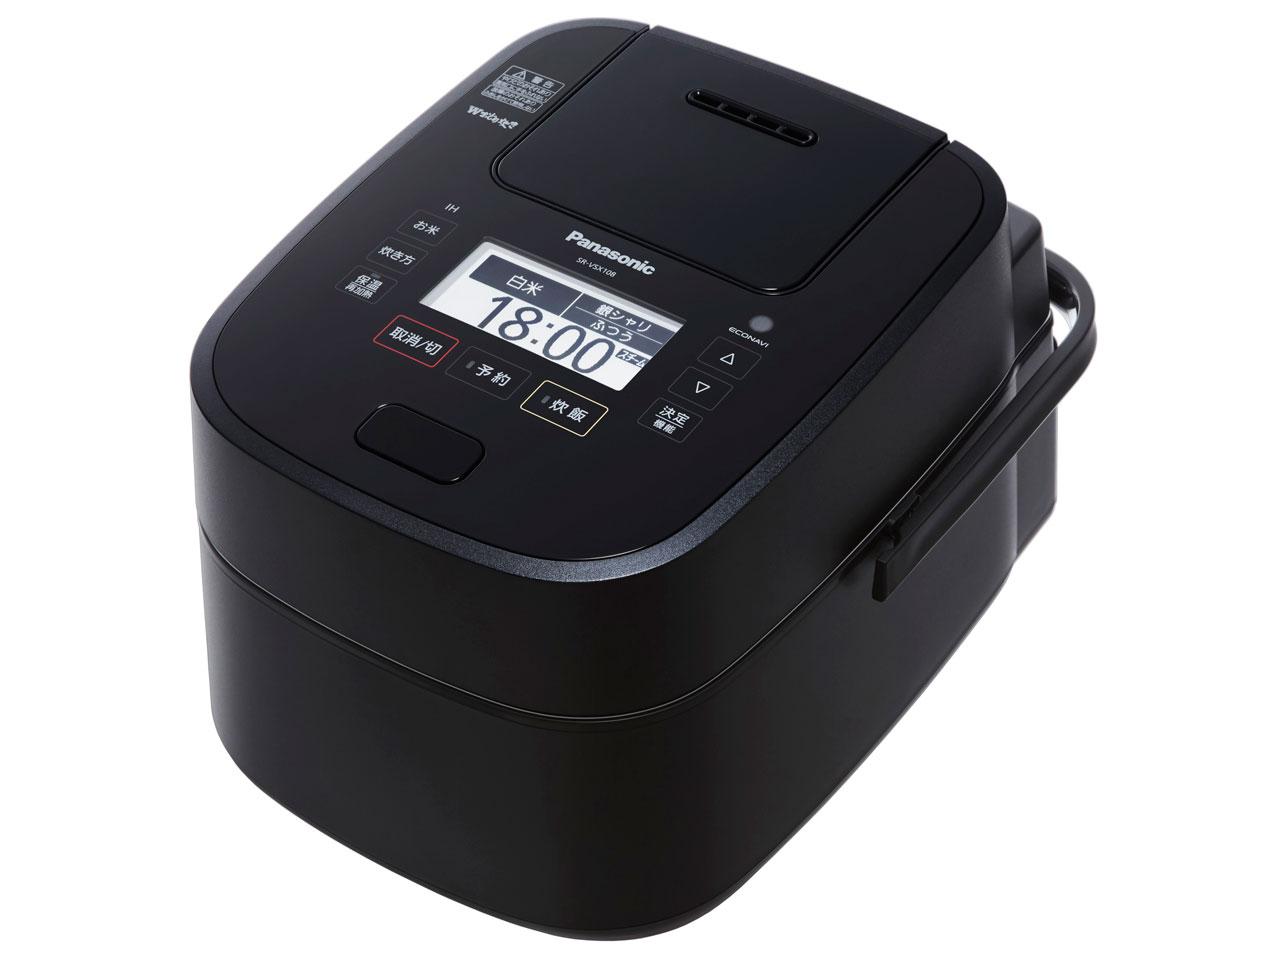 Wおどり炊き SR-VSX108-K [ブラック] 通常配送商品